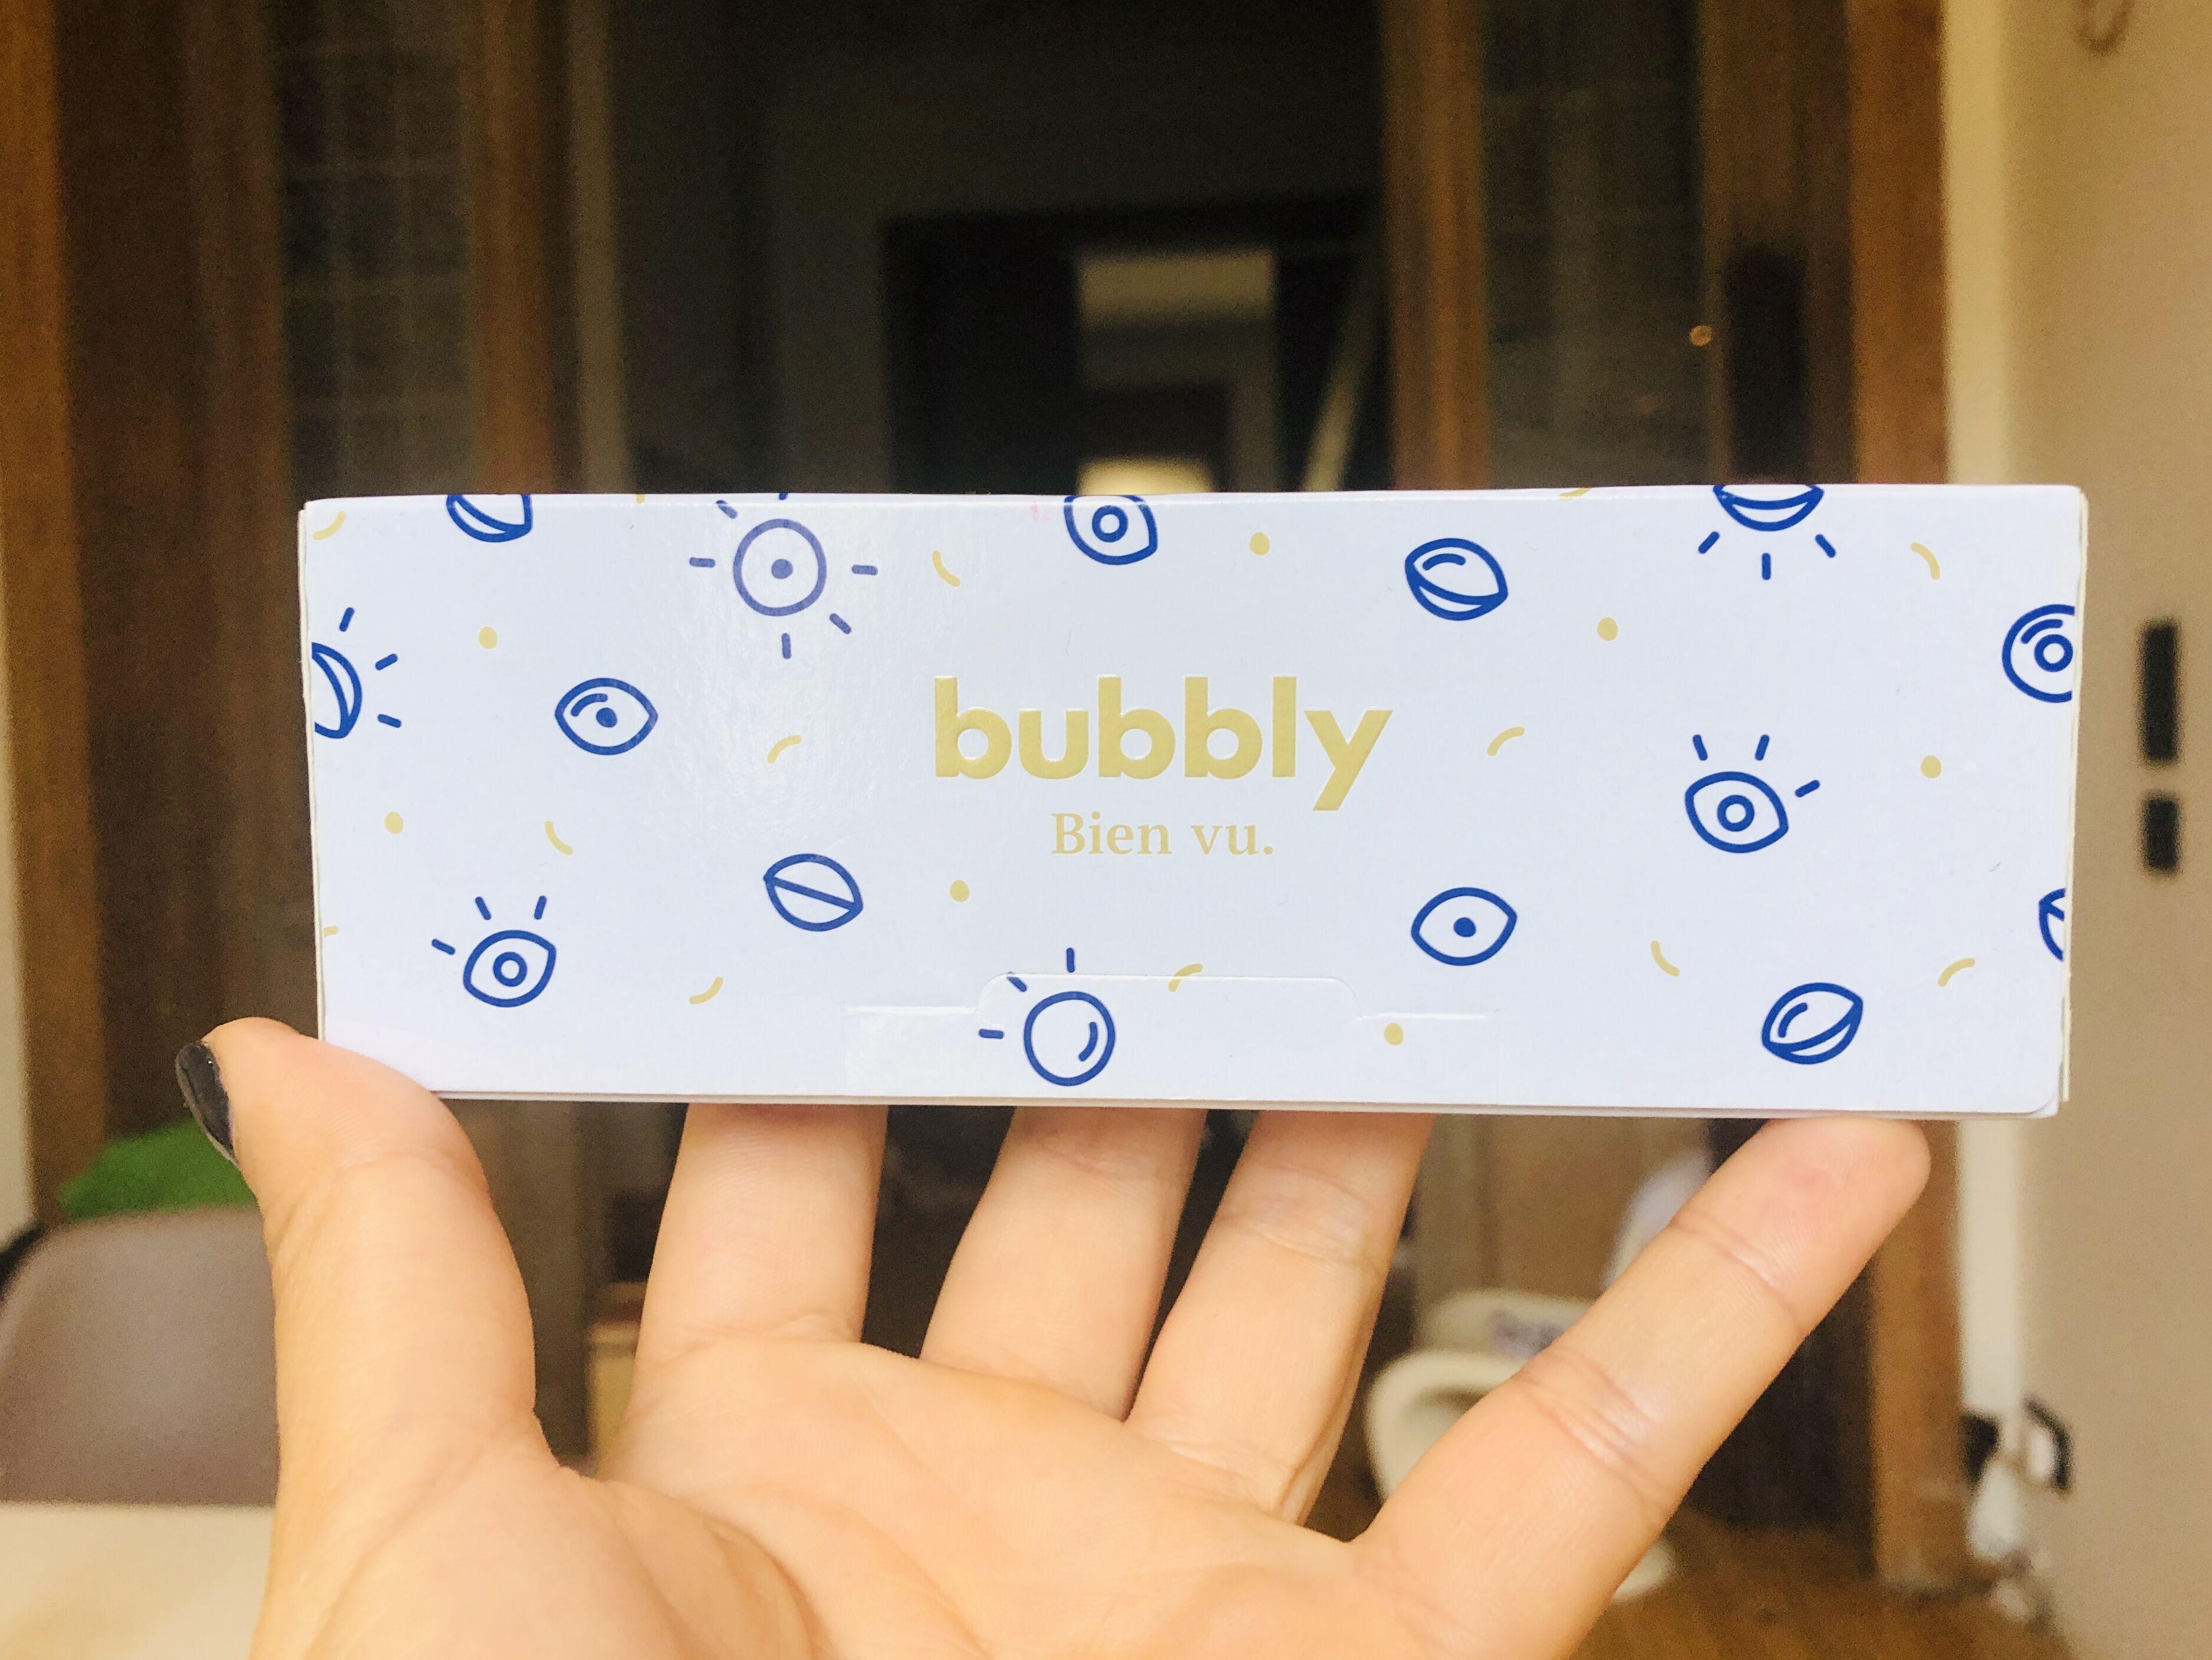 bubbly boîte d'essai